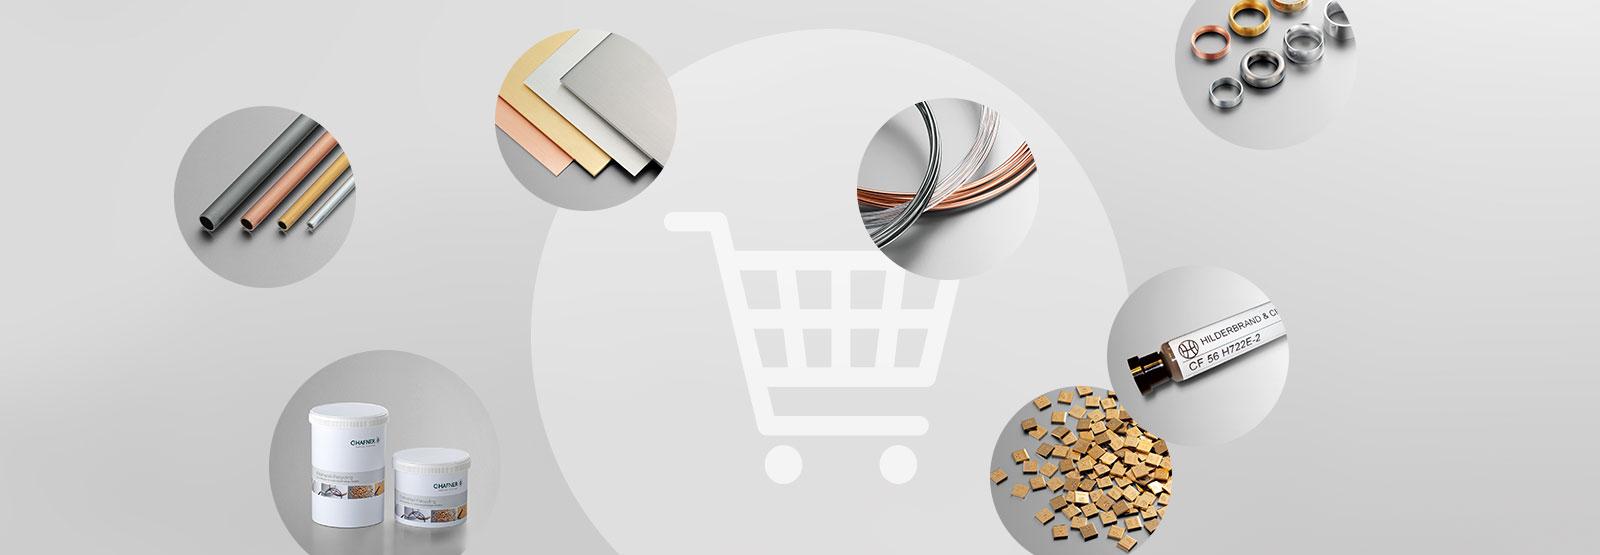 Verschiedenen Materialien vor einem Einkaufswagen